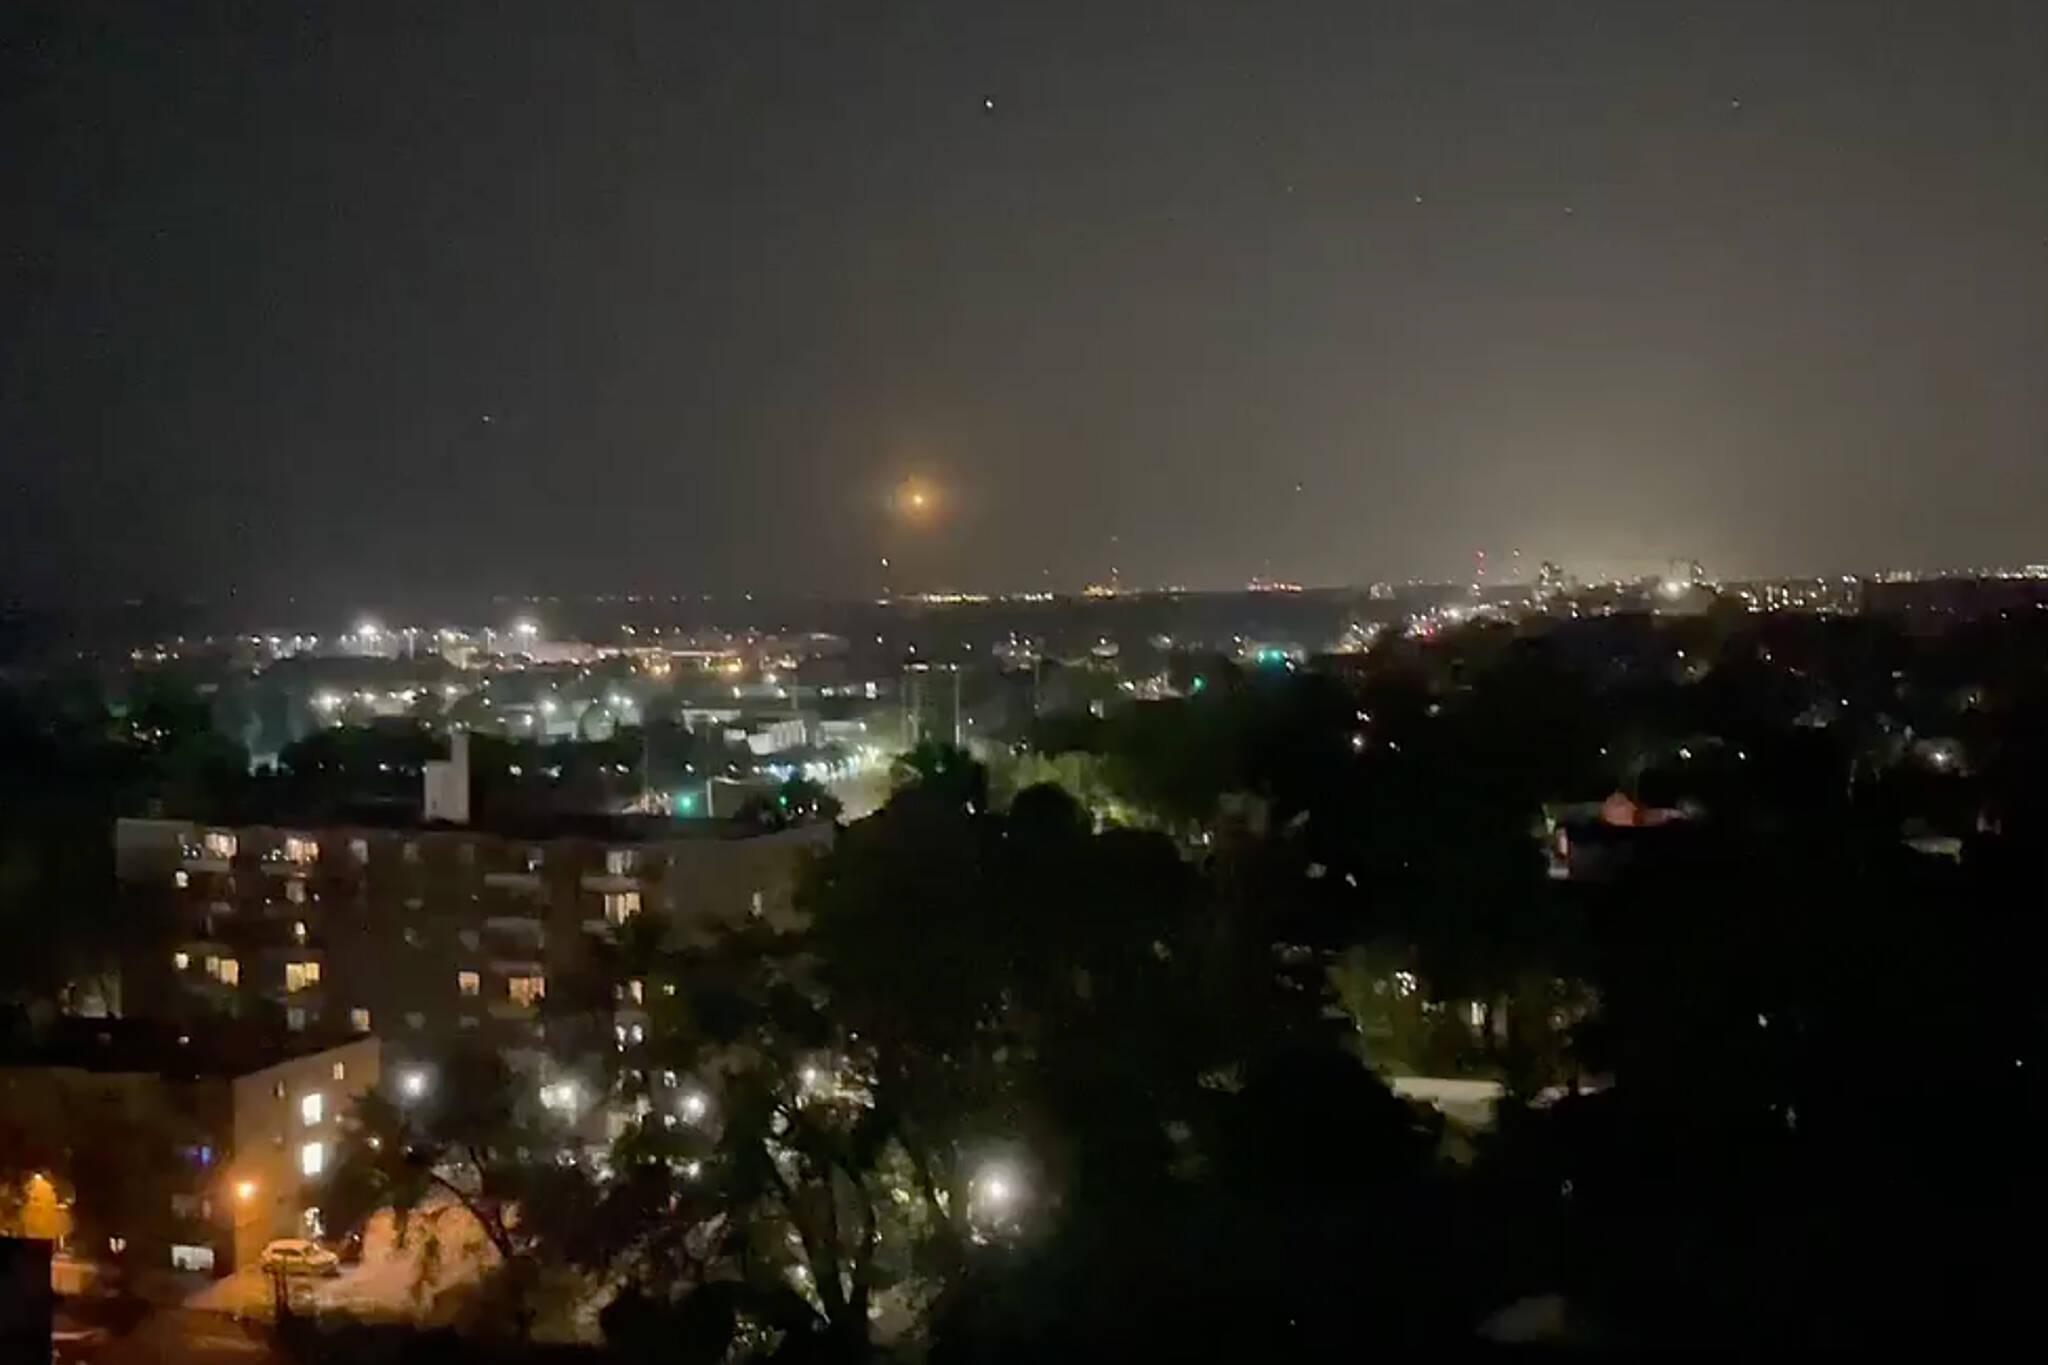 lights over lake ontario